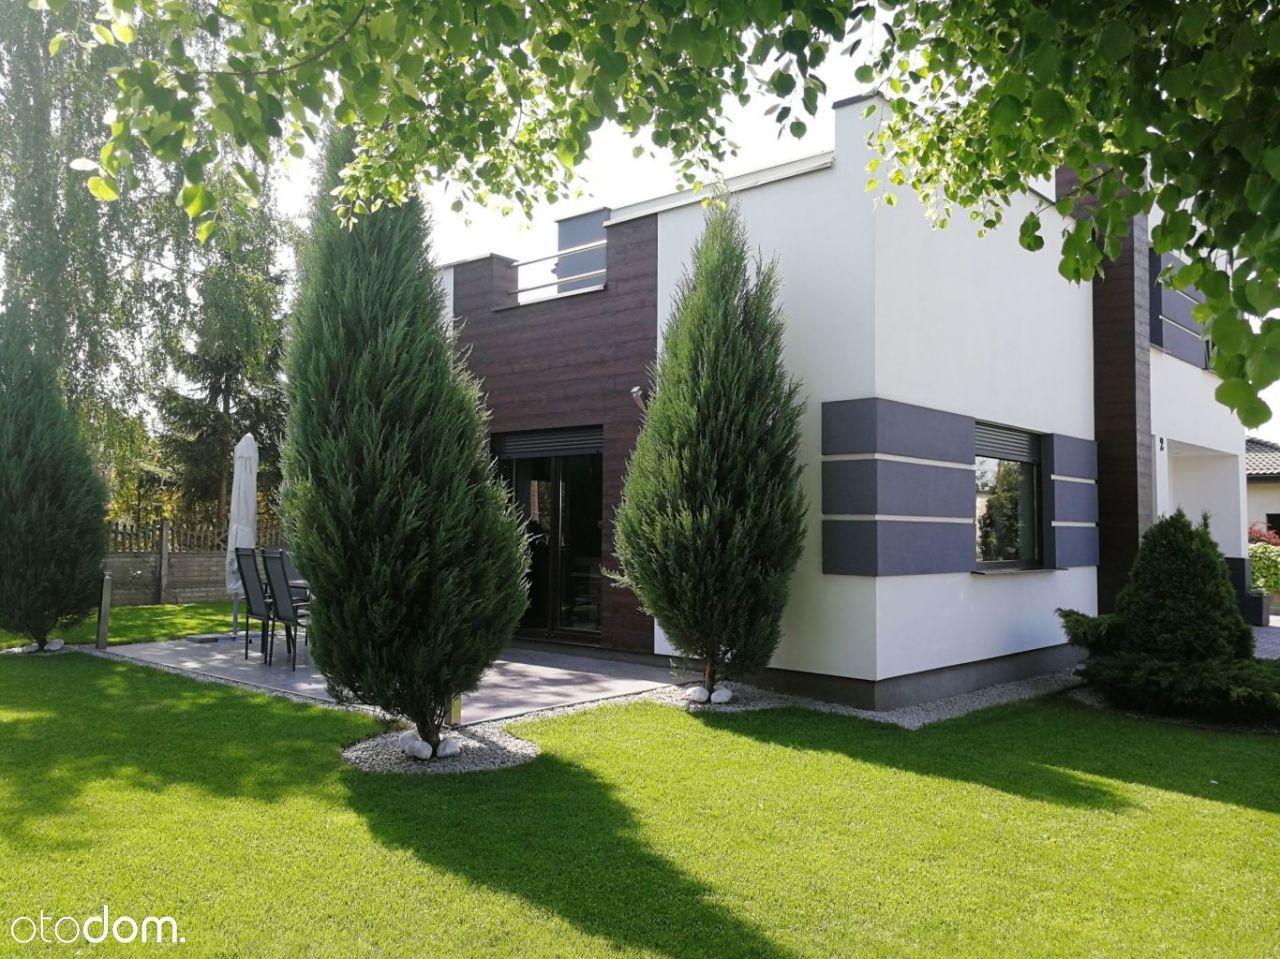 Dom na sprzedaż, Ostrów Wielkopolski, ostrowski, wielkopolskie - Foto 2